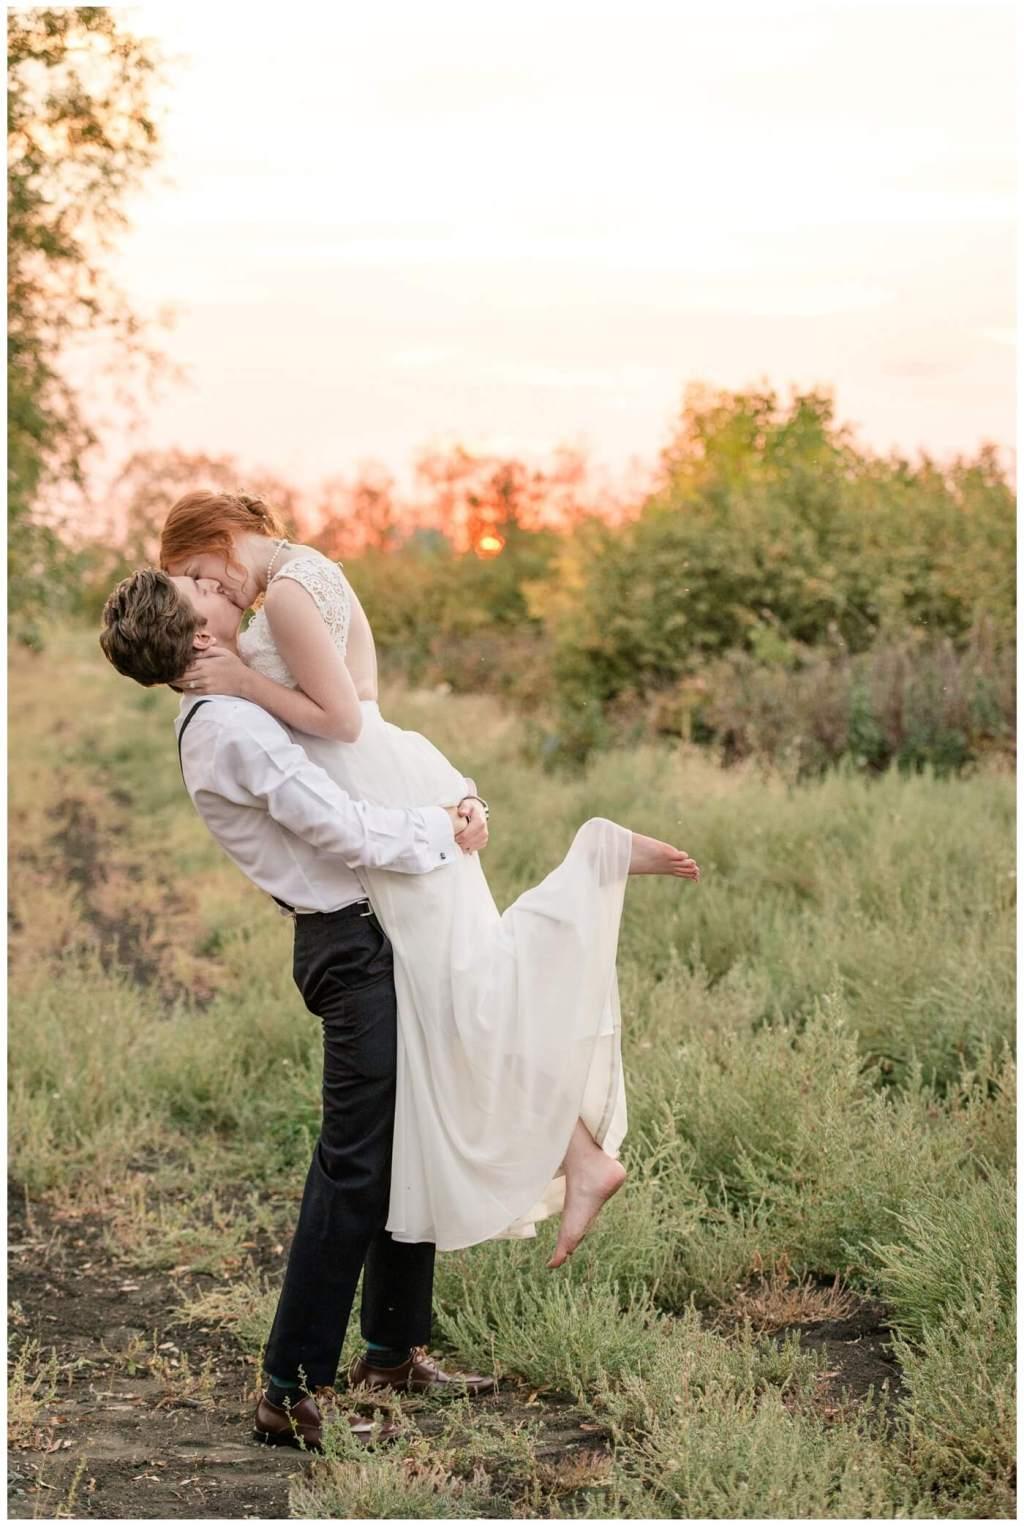 Regina Wedding Photographer - Cole-Alisha - Zadack Holdings - Sunset Lift